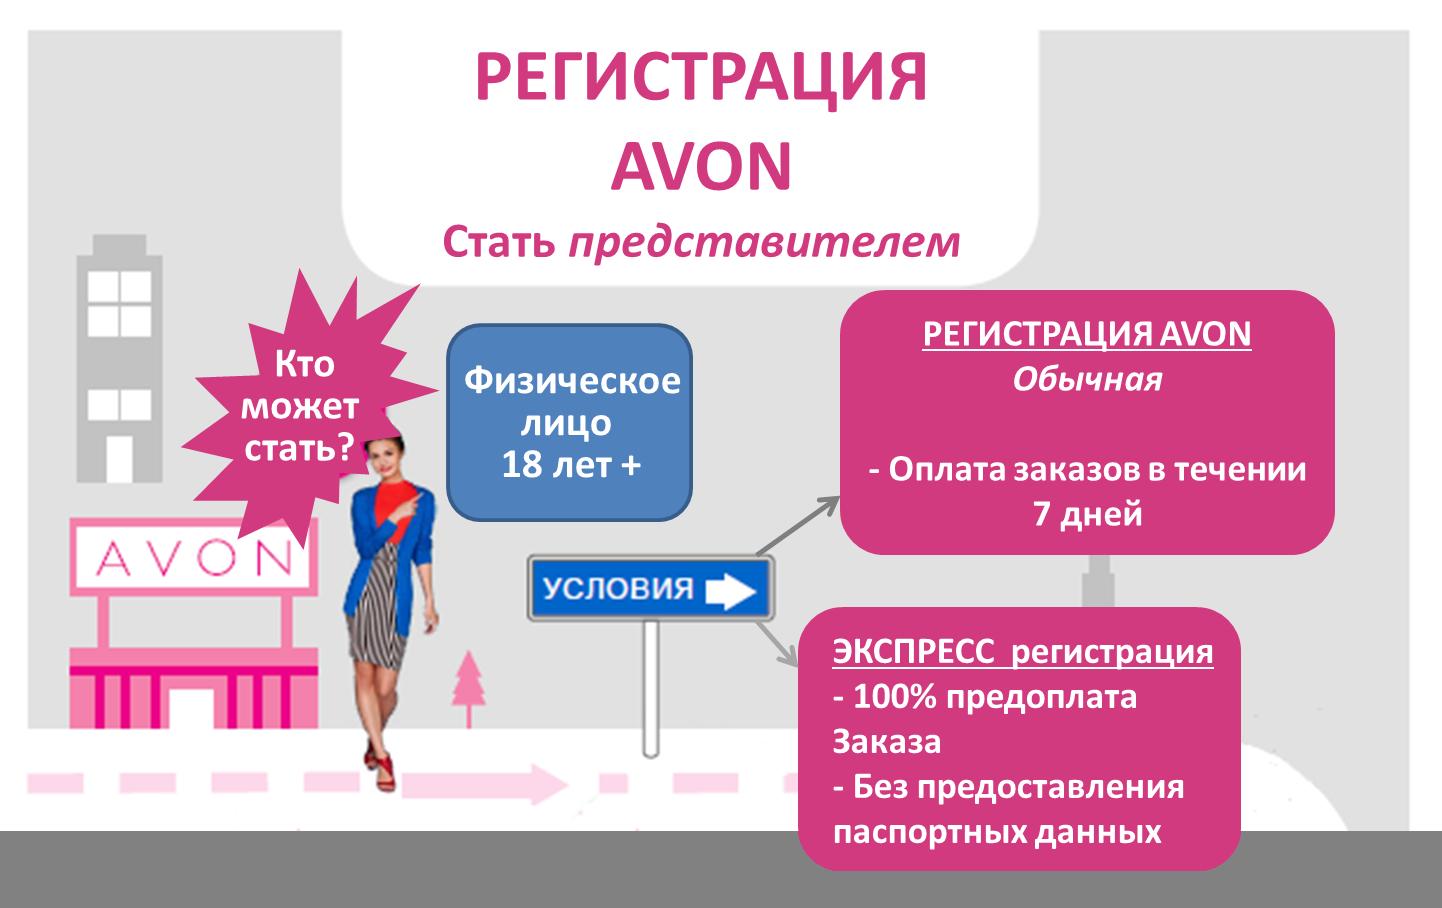 AVON регистрация вся Россия и обучение в компании